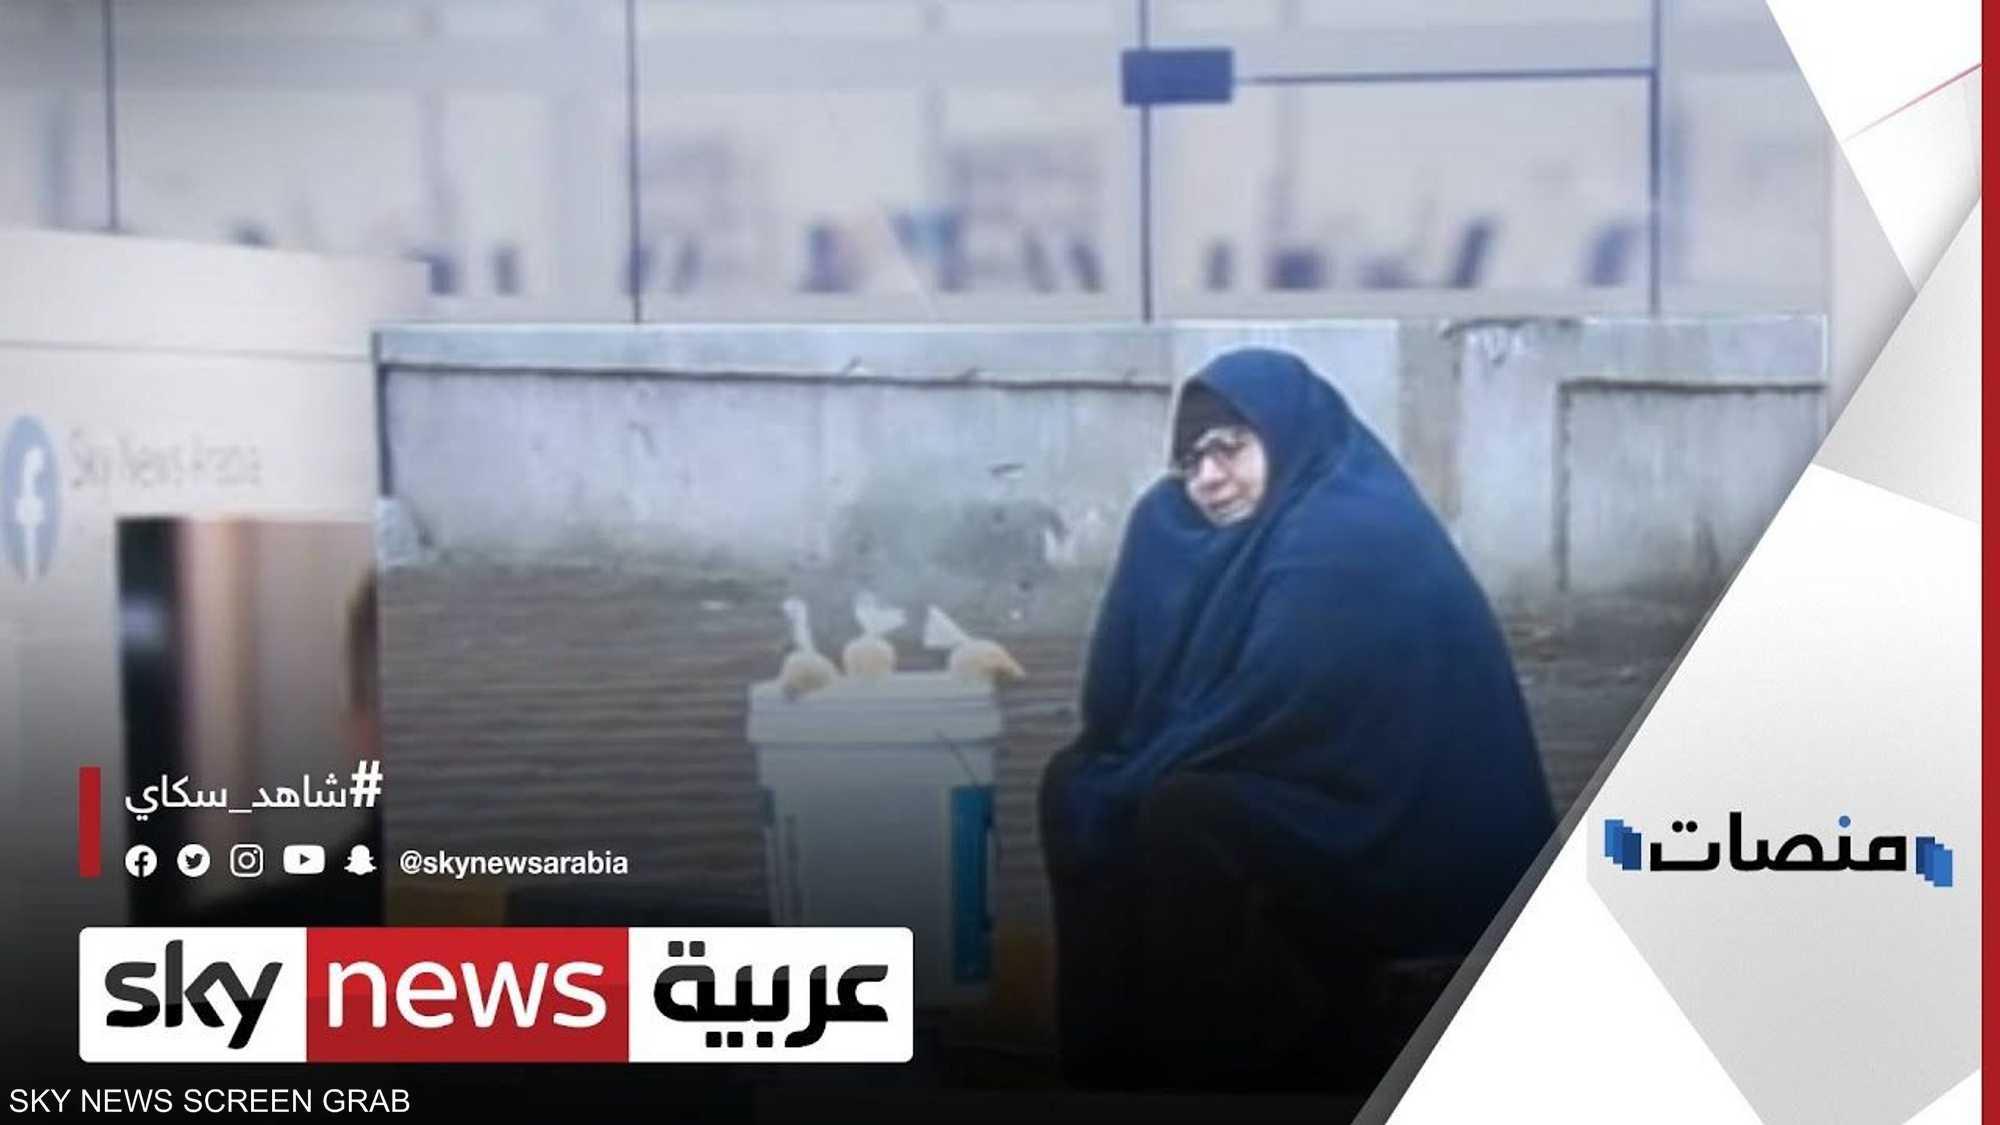 سيدة المطر تسيطر على السوشيال ميديا المصرية